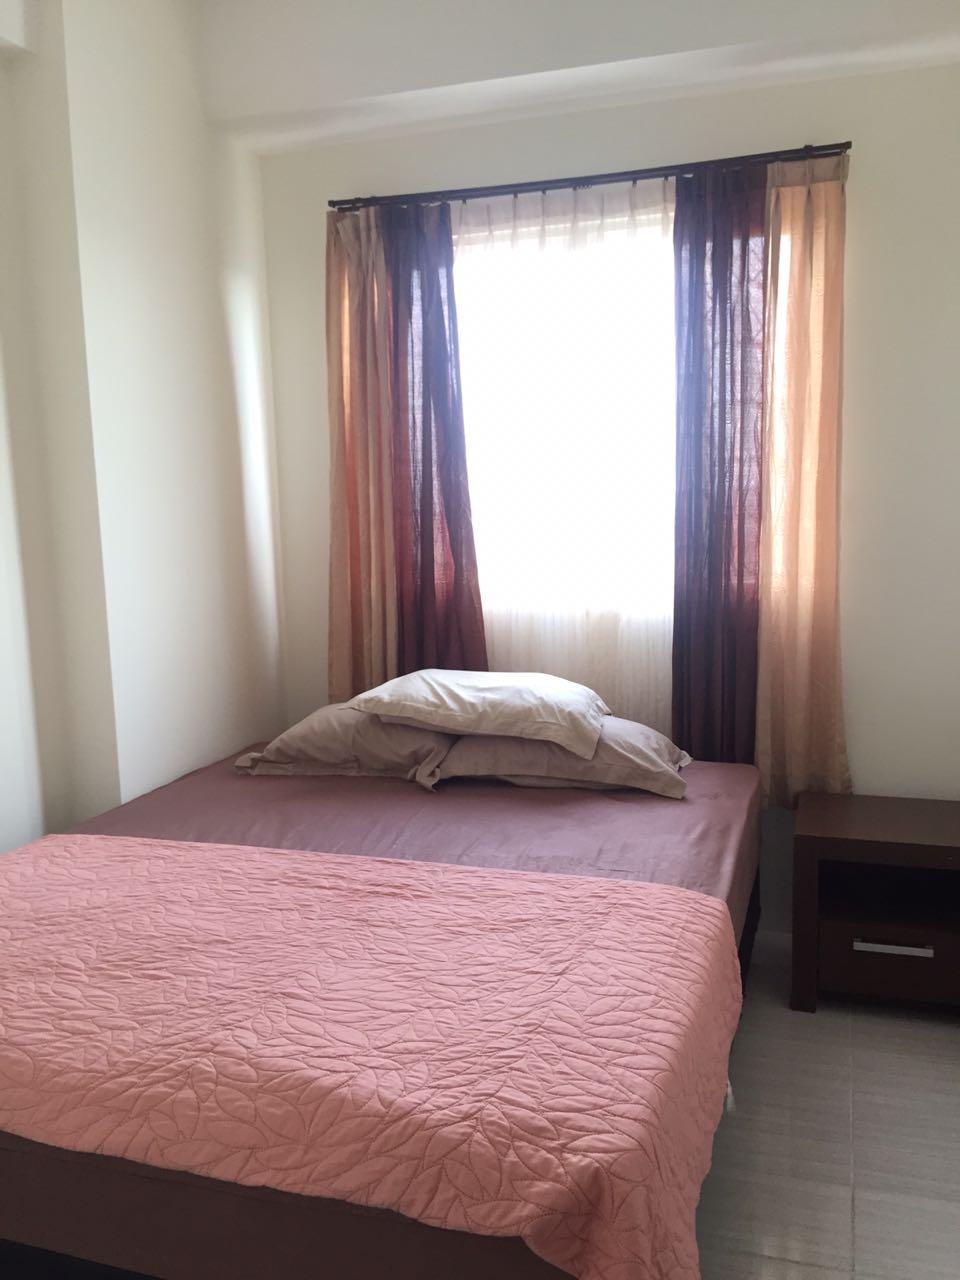 Price 2 cozy bedroom apartement merr for rent